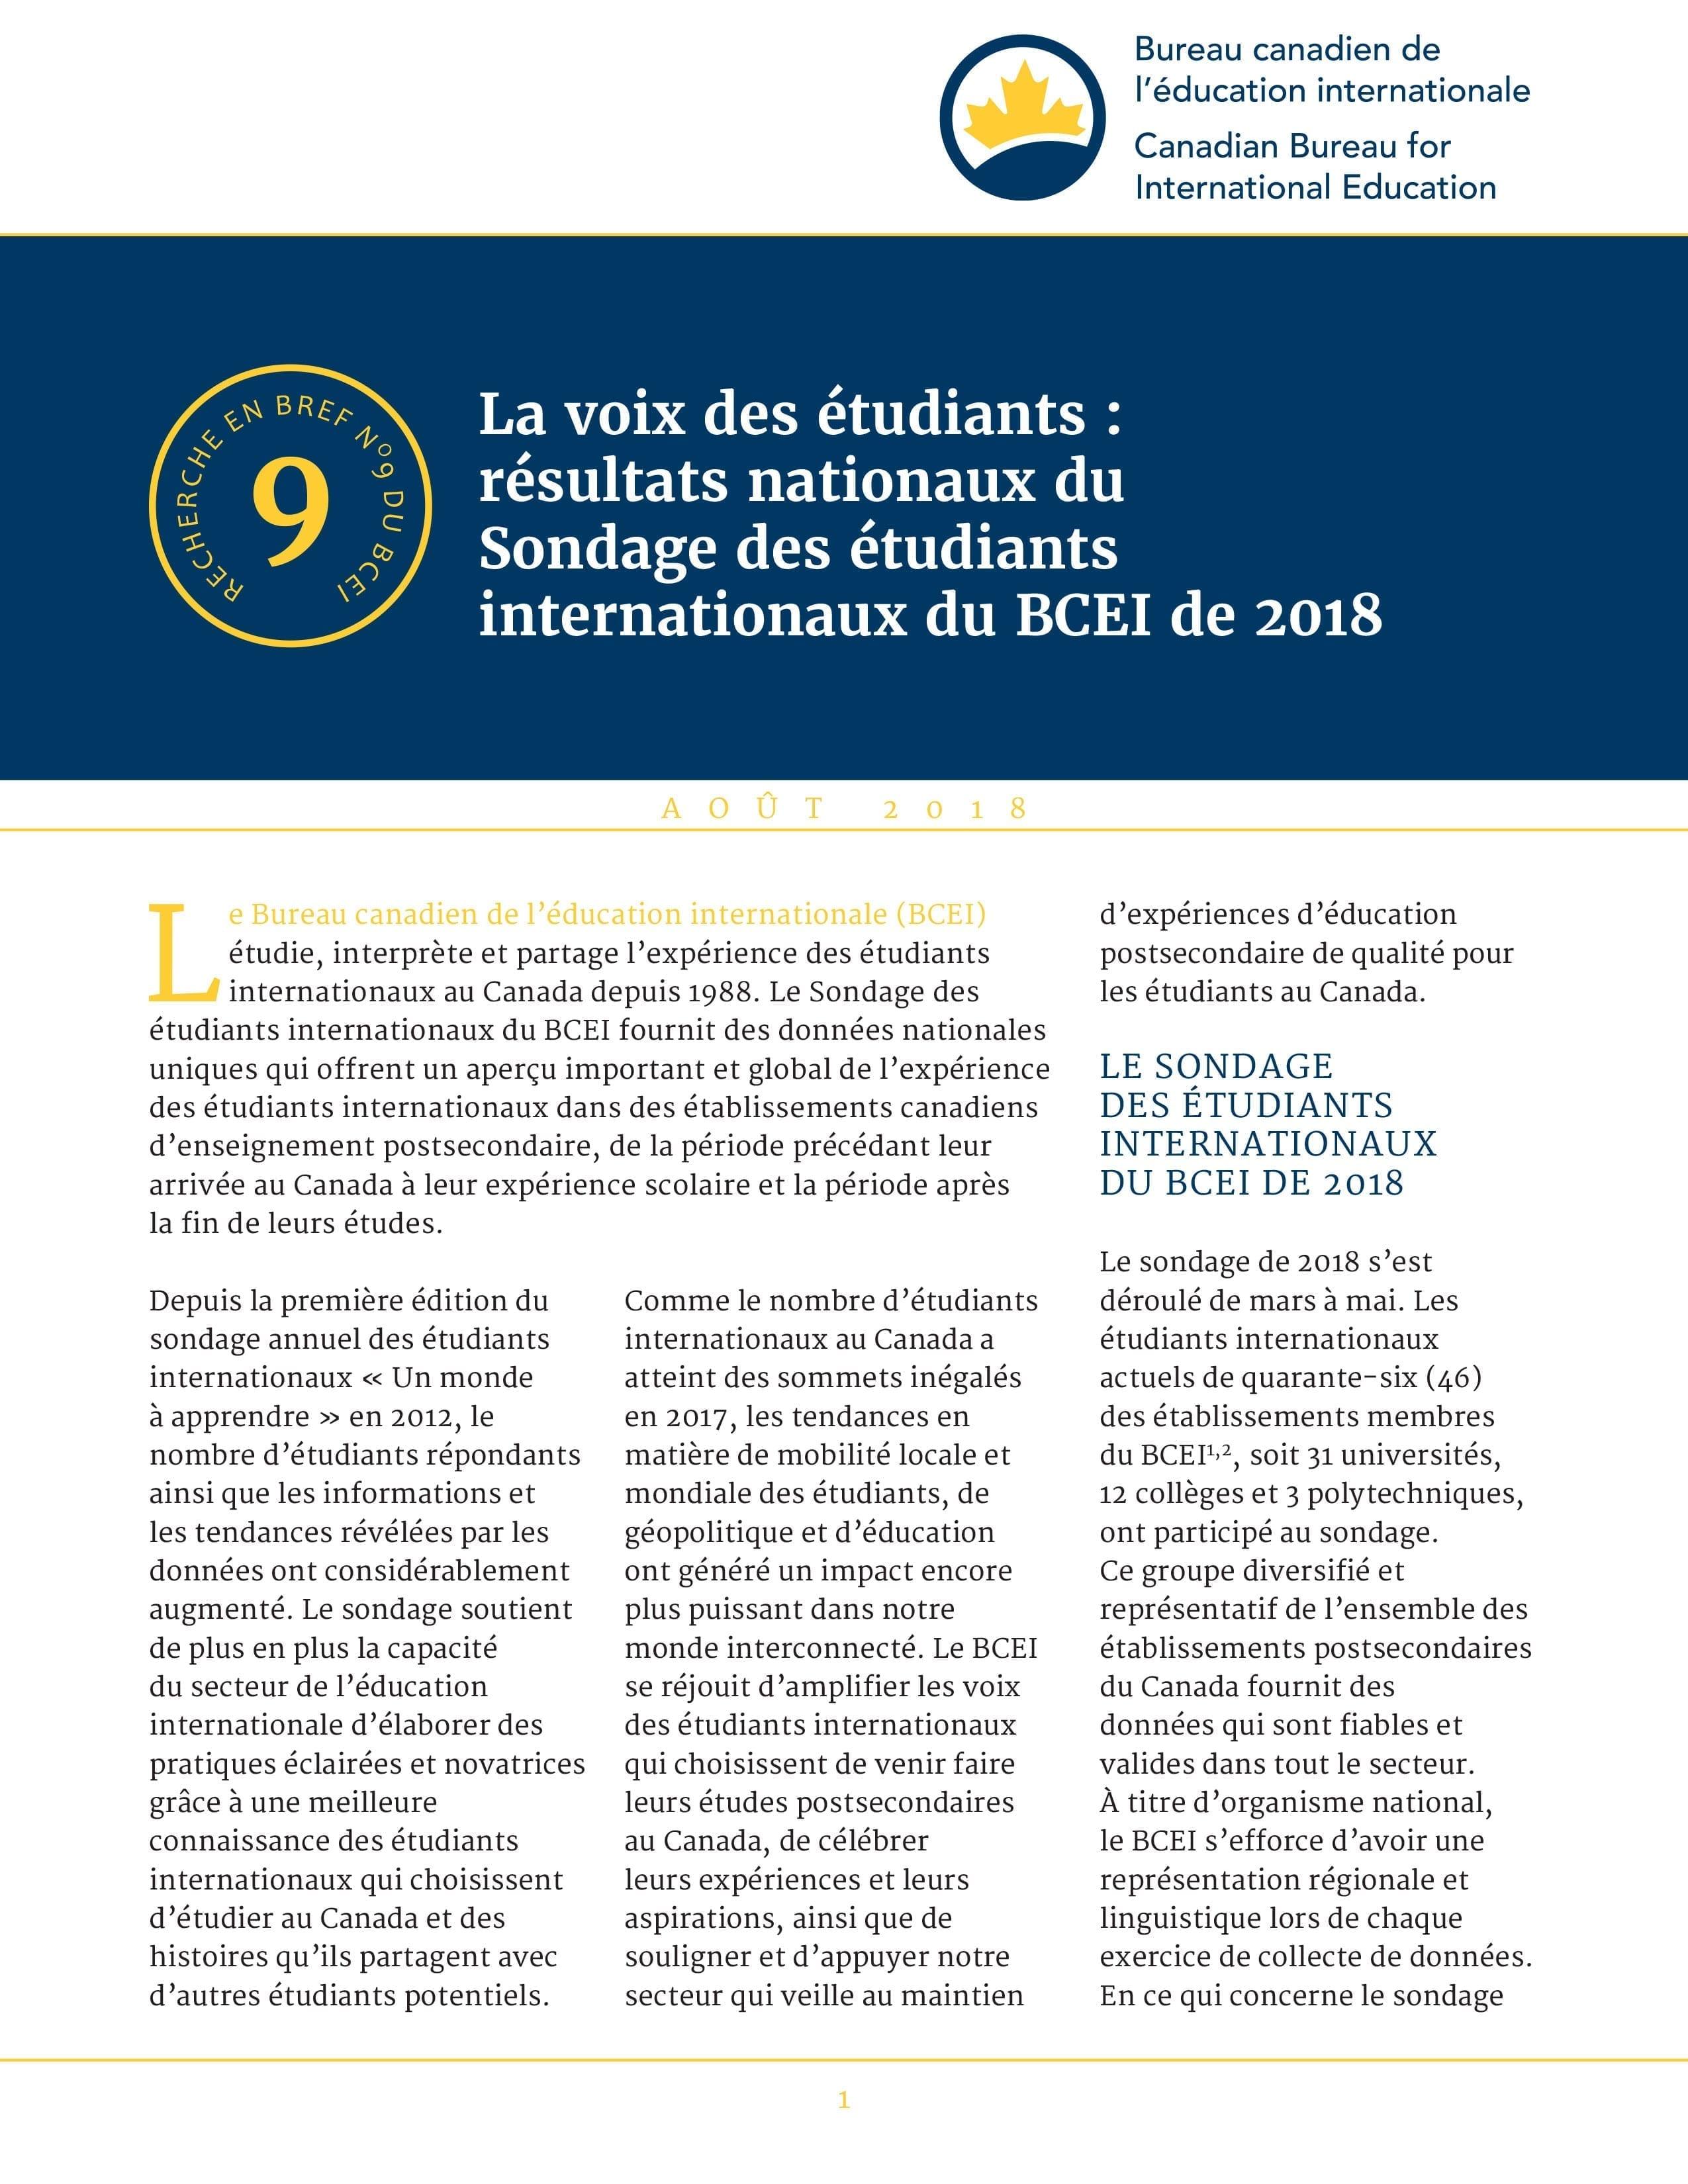 La voix des étudiants : résultats nationaux du Sondage des étudiants internationaux du BCEI de 2018